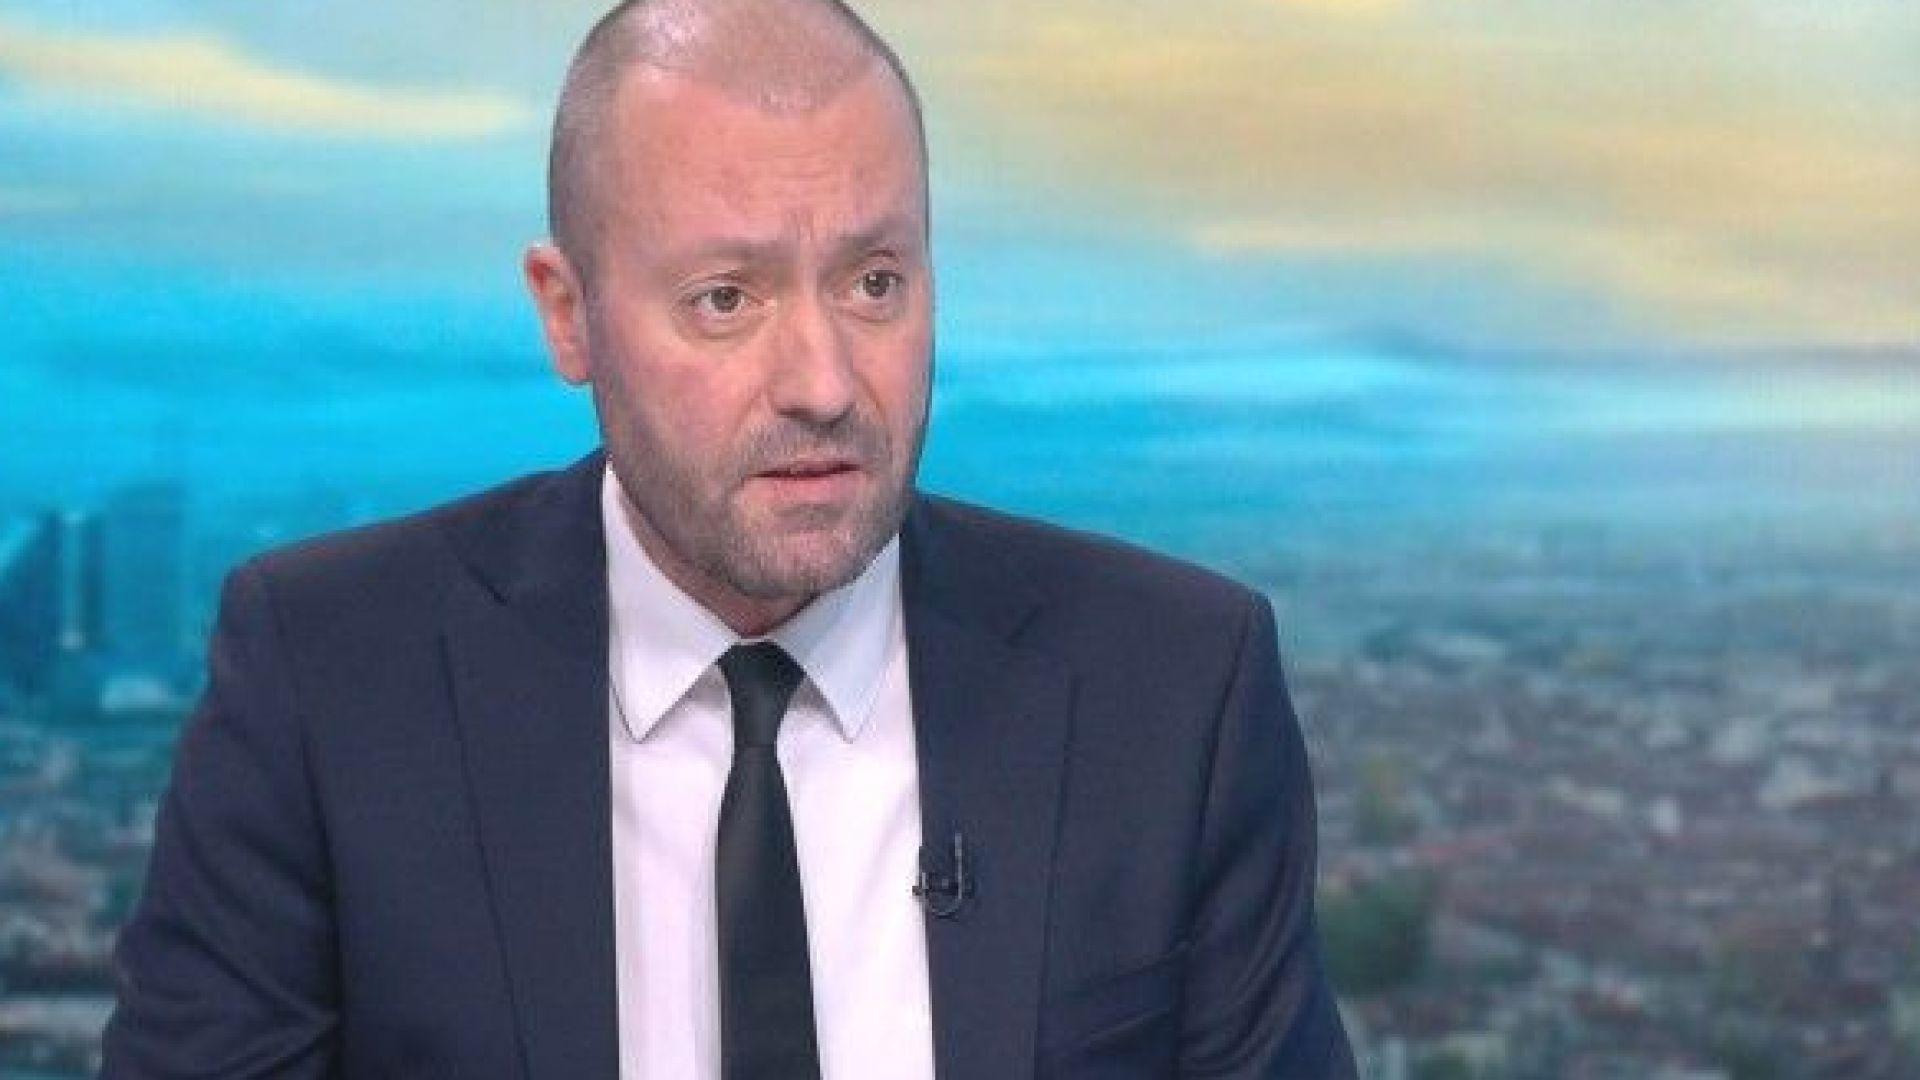 Йордан Цонев е прав, че приемането на партийна субсидия от